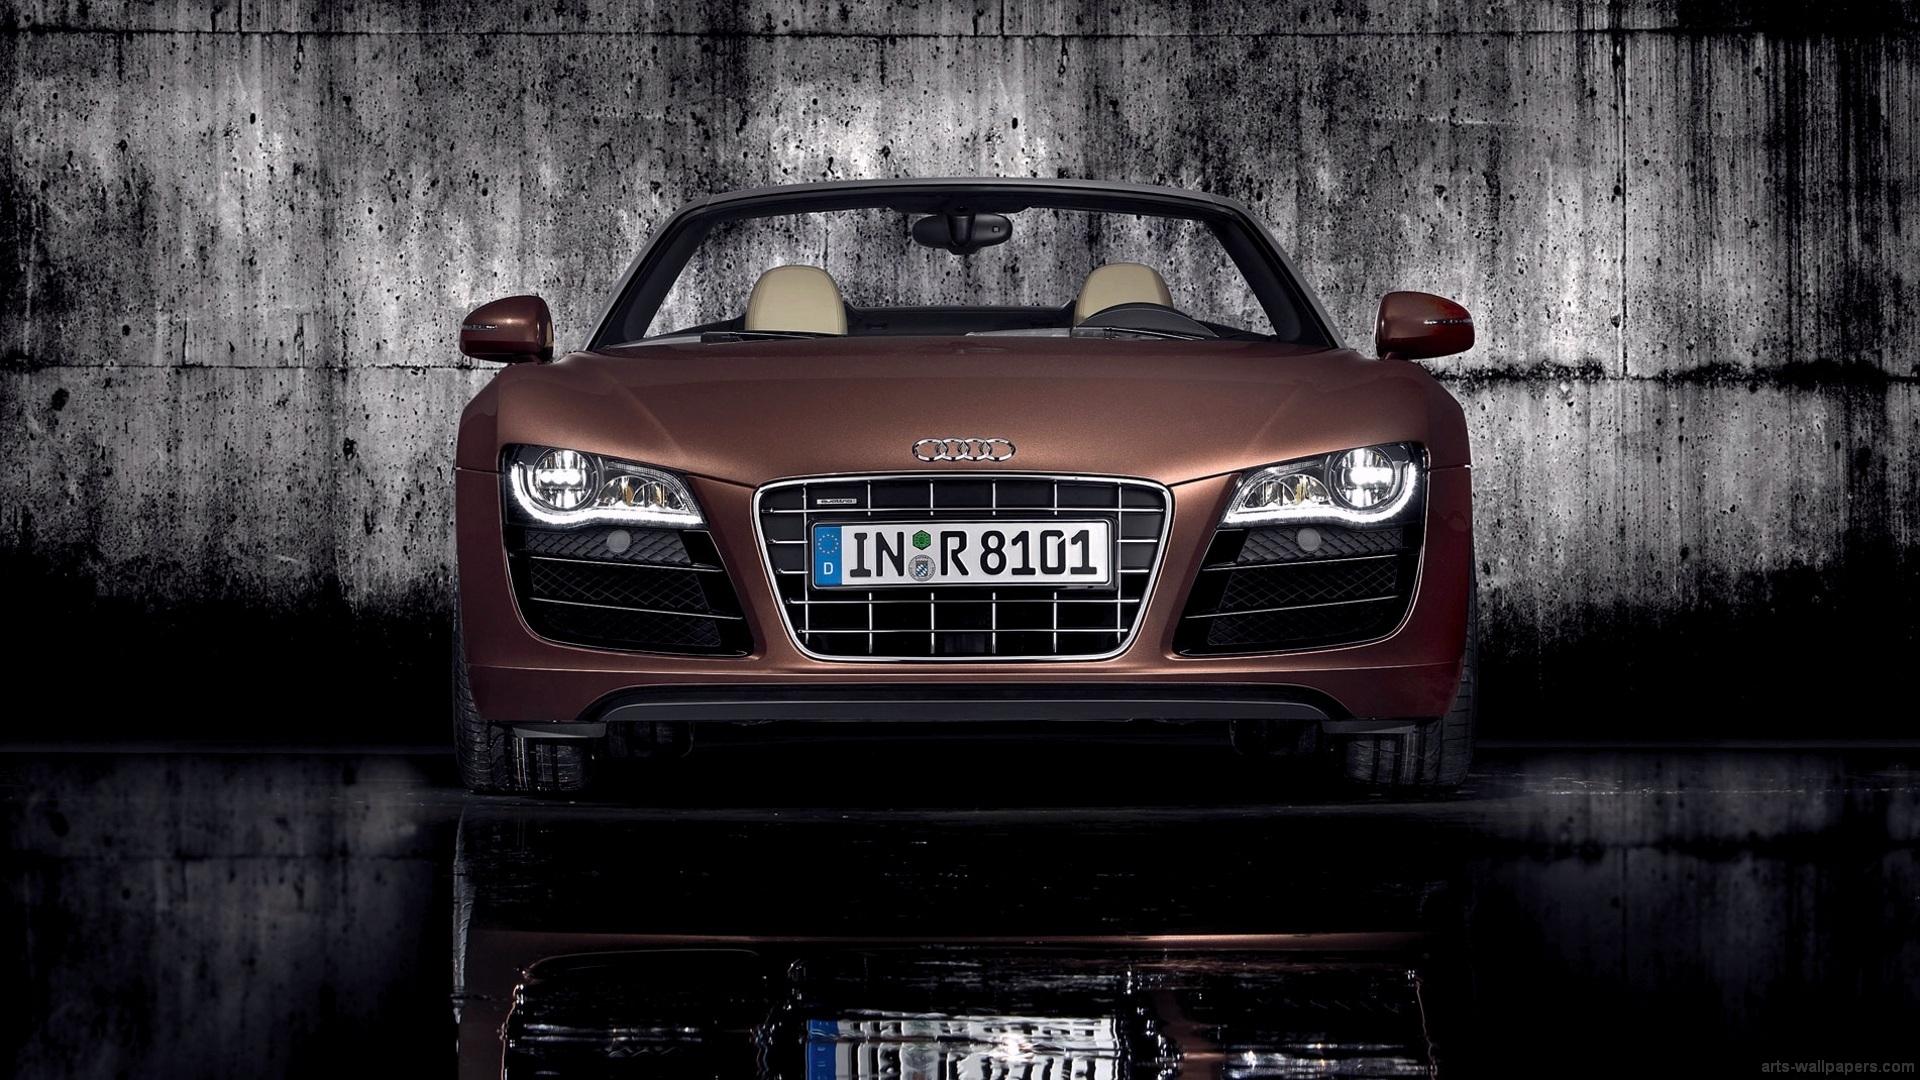 audi cars hd wallpapers 1080p download